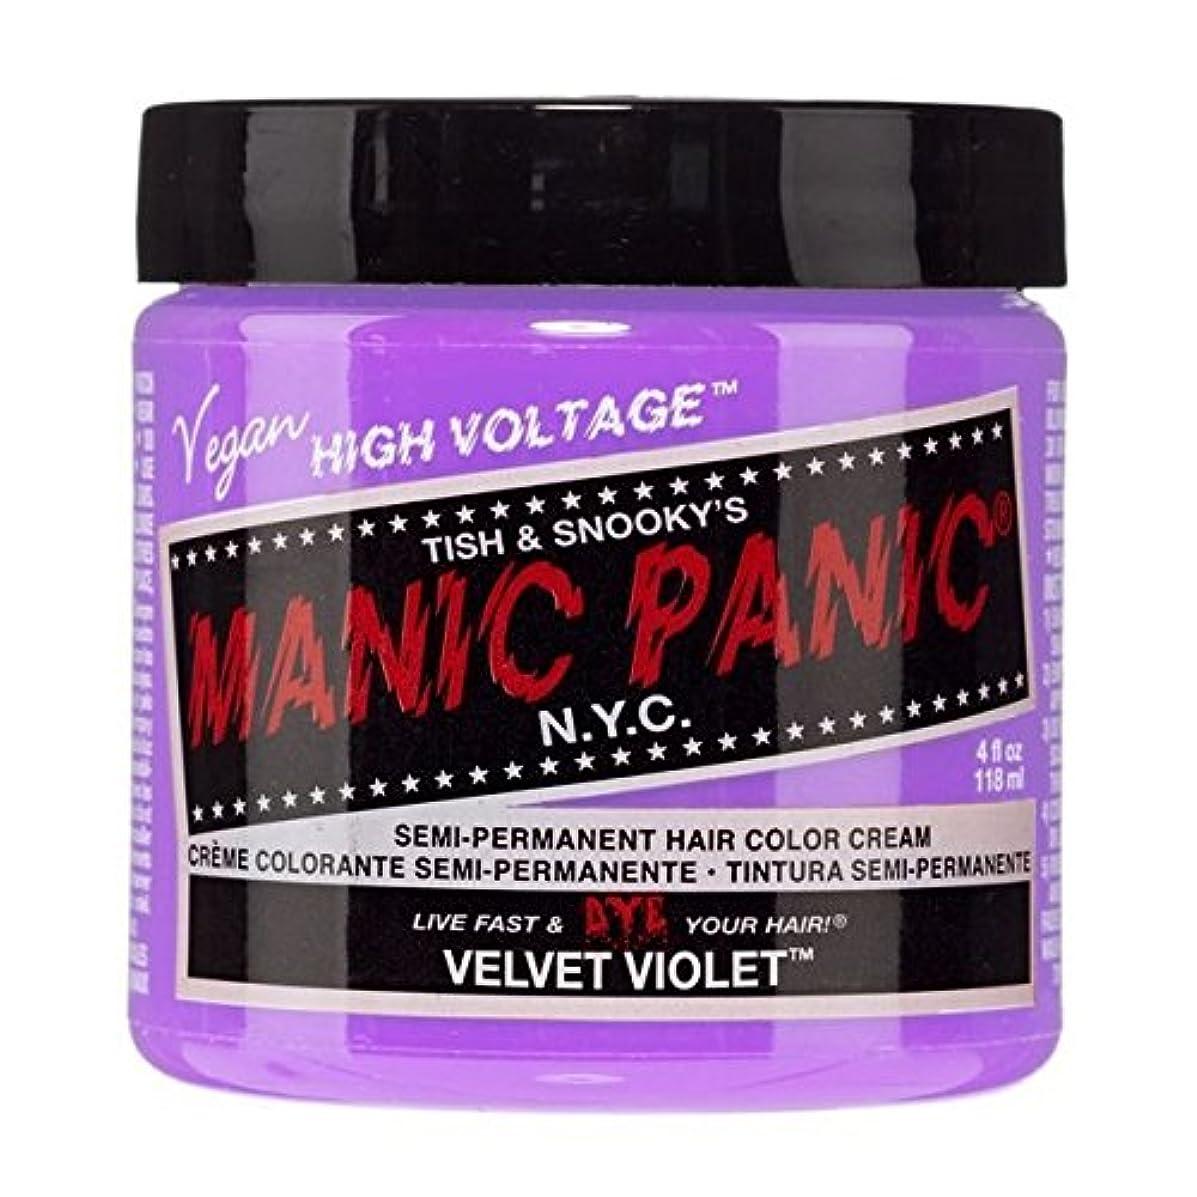 ブリリアント不足歯科のスペシャルセットMANIC PANICマニックパニック:VELVET VIOLET (ベルベットヴァイオレット)+ヘアカラーケア4点セット